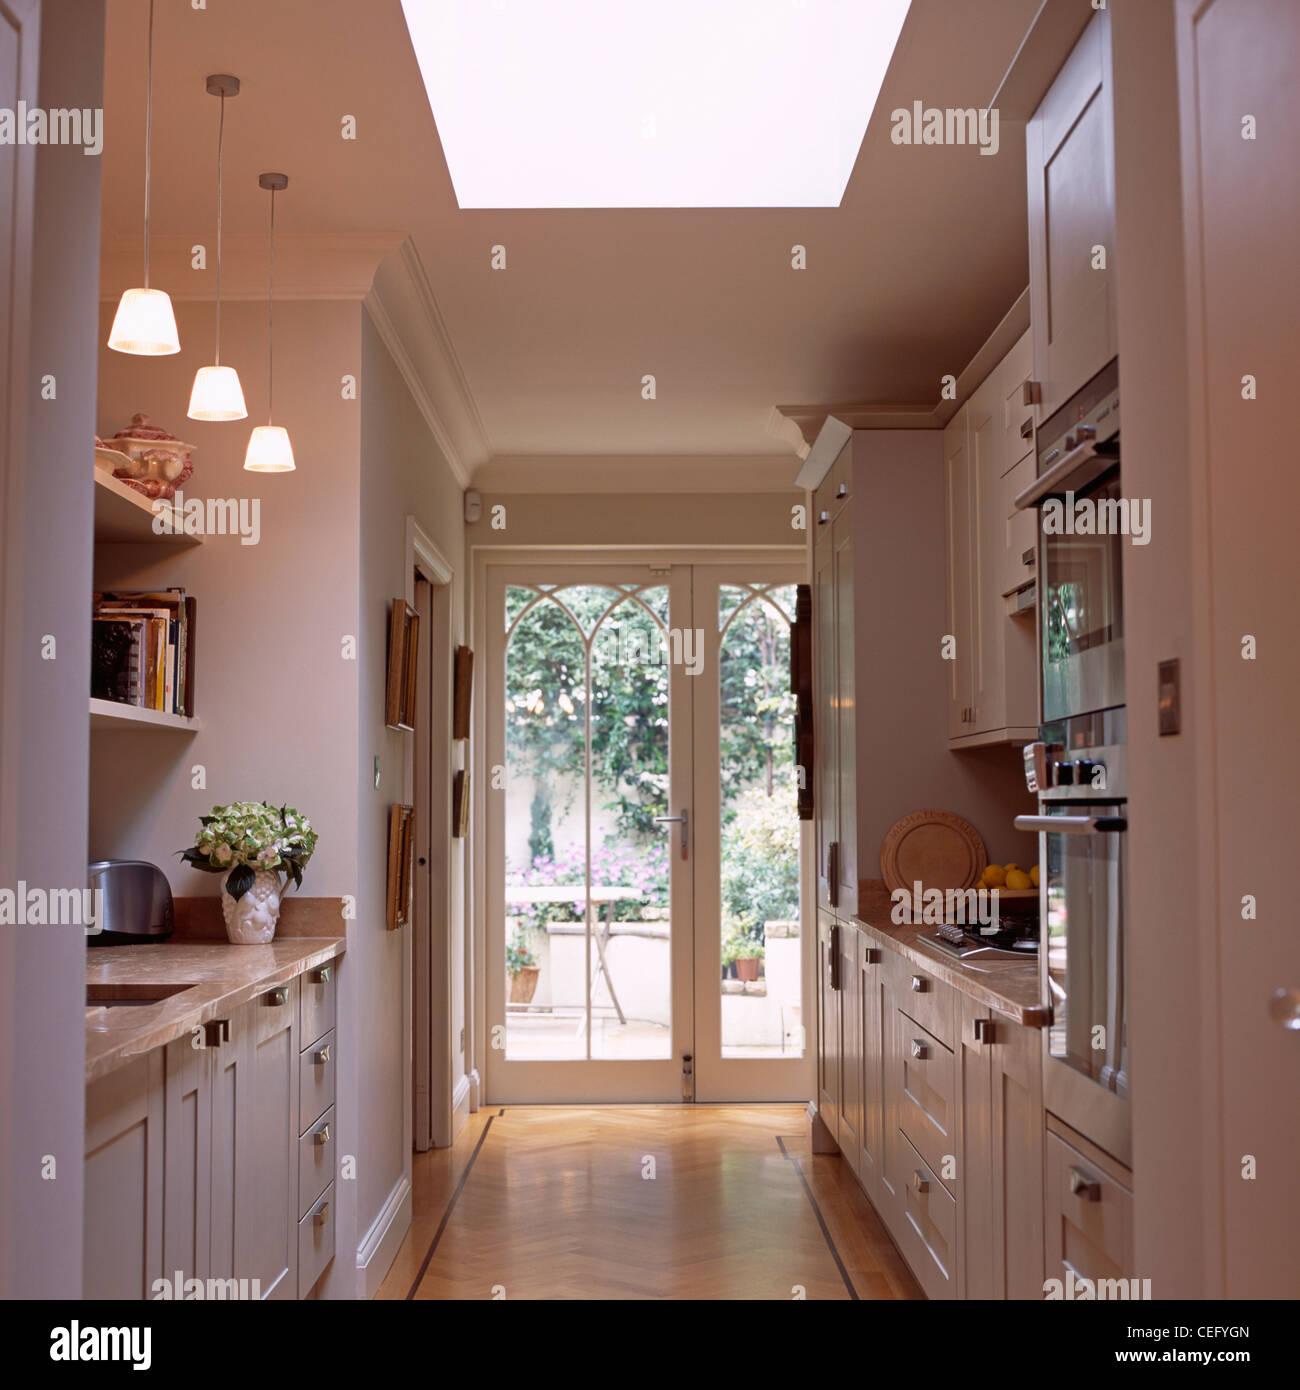 Kitchen Worktop Lighting: Pendant Lights Above Worktop In White Galley Kitchen